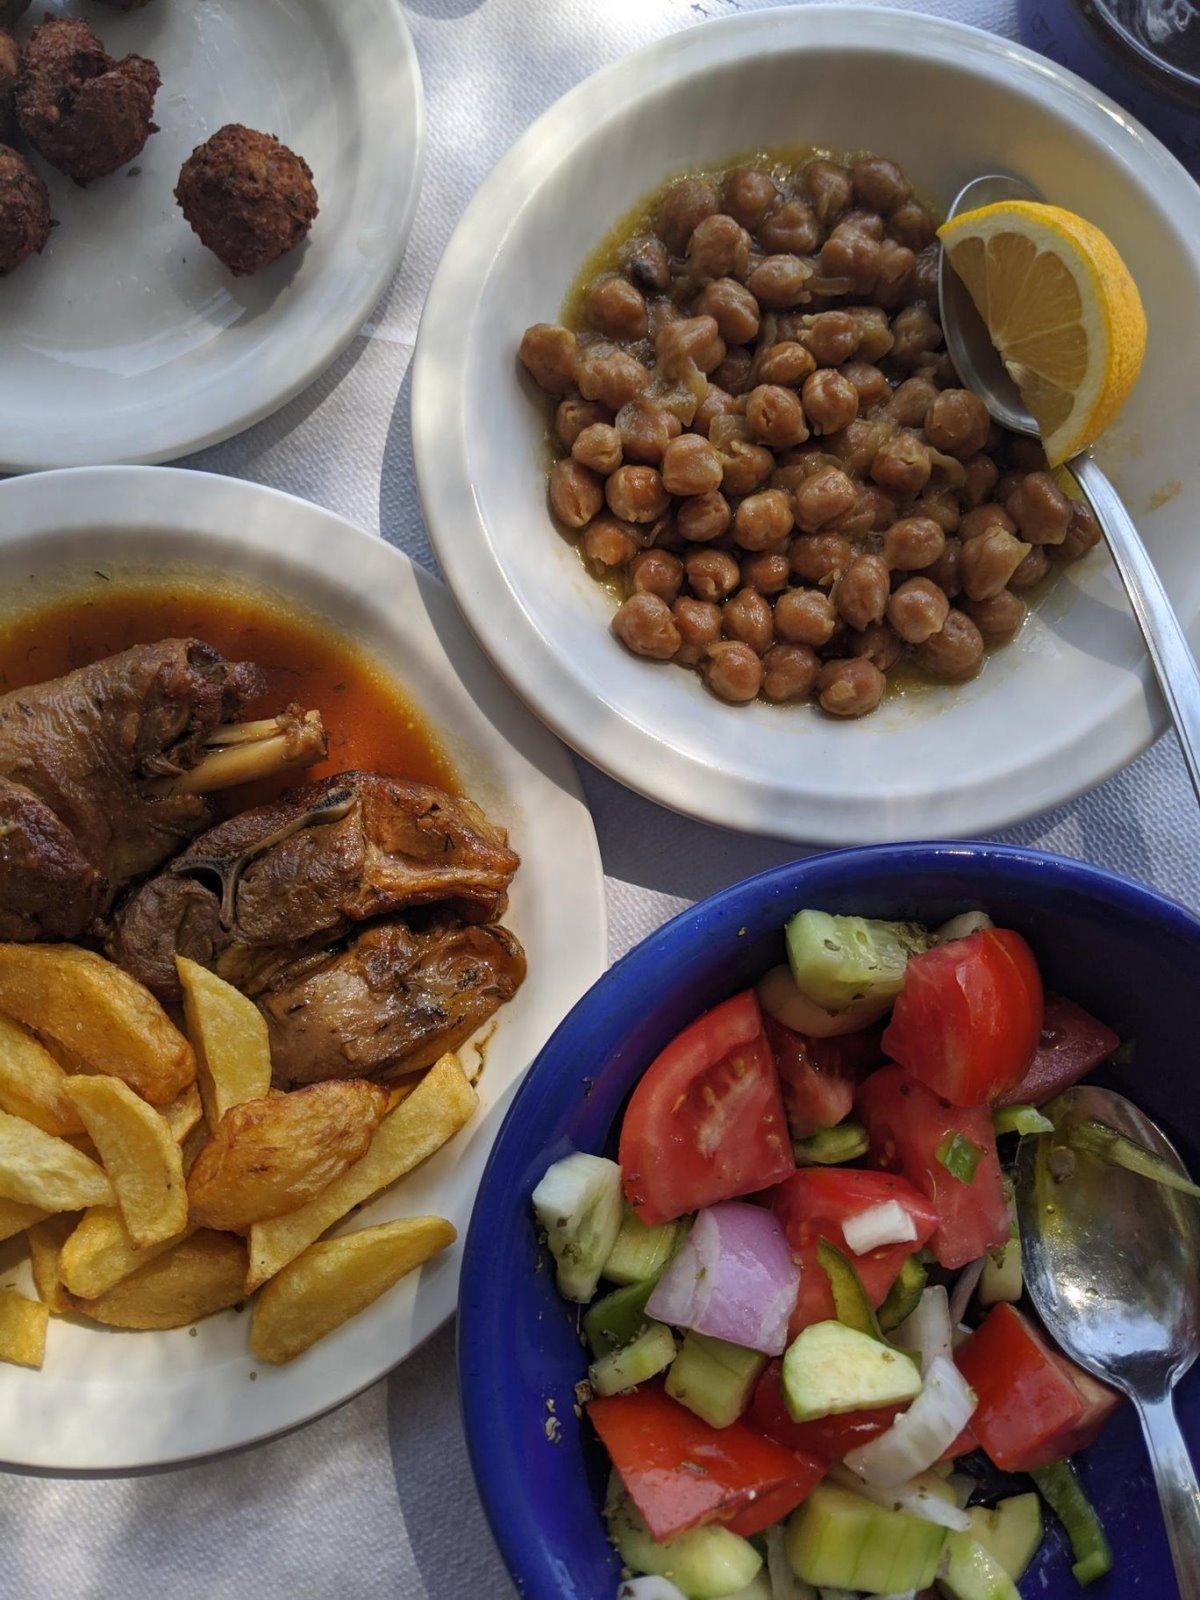 Σίφνος παραδοσιακό φαγητό στον ονειρικό προορισμό